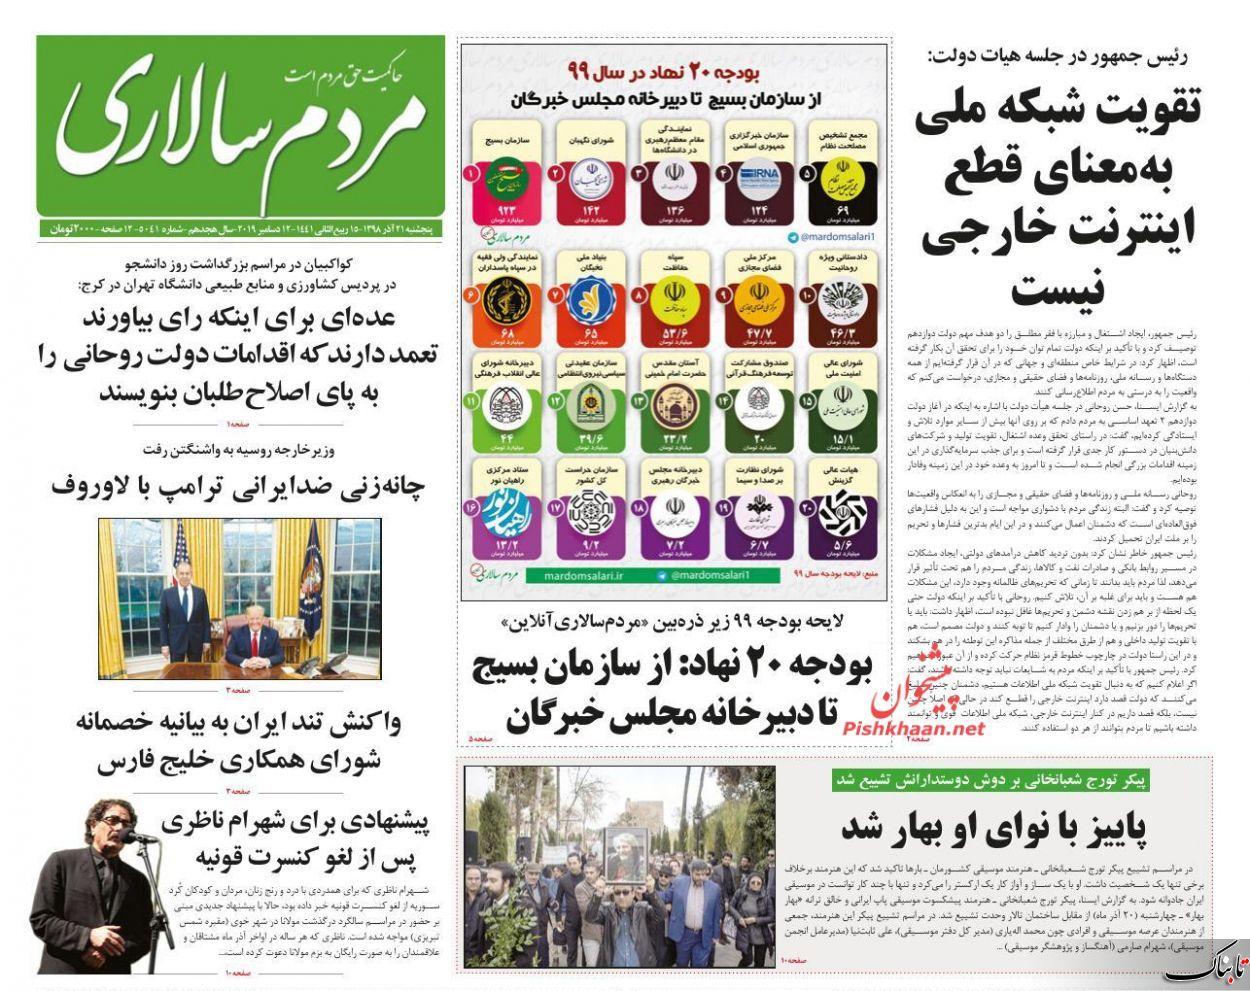 آیا واقعا اینترنت ملی بی معناست؟ /کنایه رسالت به انتقاد محمود واعظی از بیانیه قالیباف/تغییر انتخاب مردم، بنبست یا راه خروج از بنبست!